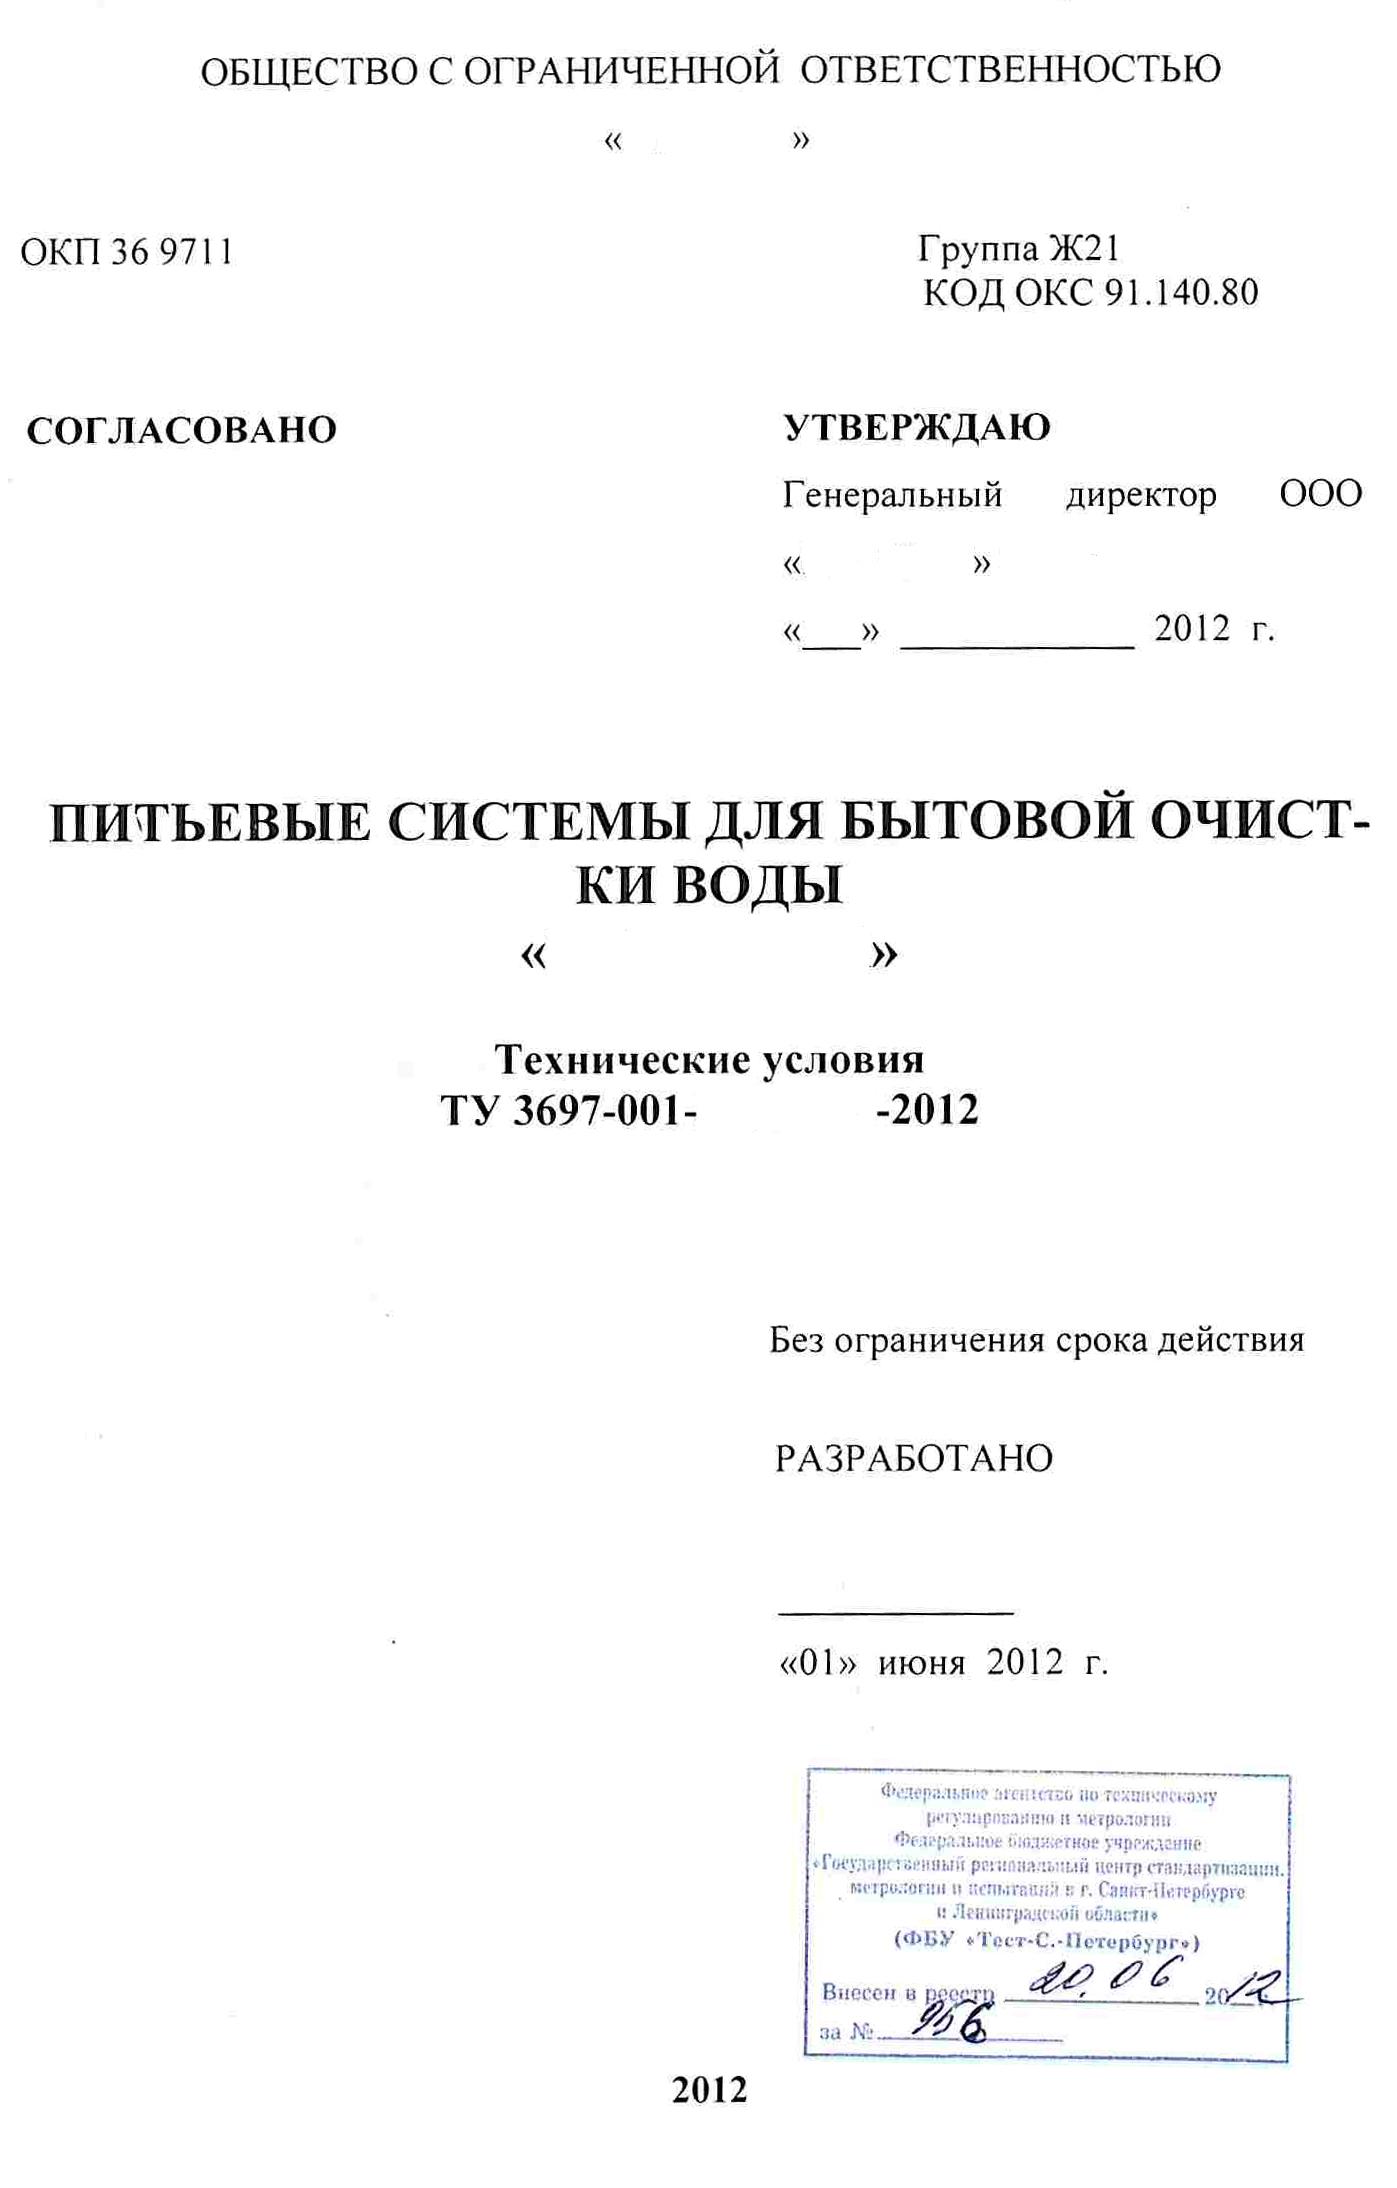 Registraciya-Tehnicheskih-uslovij